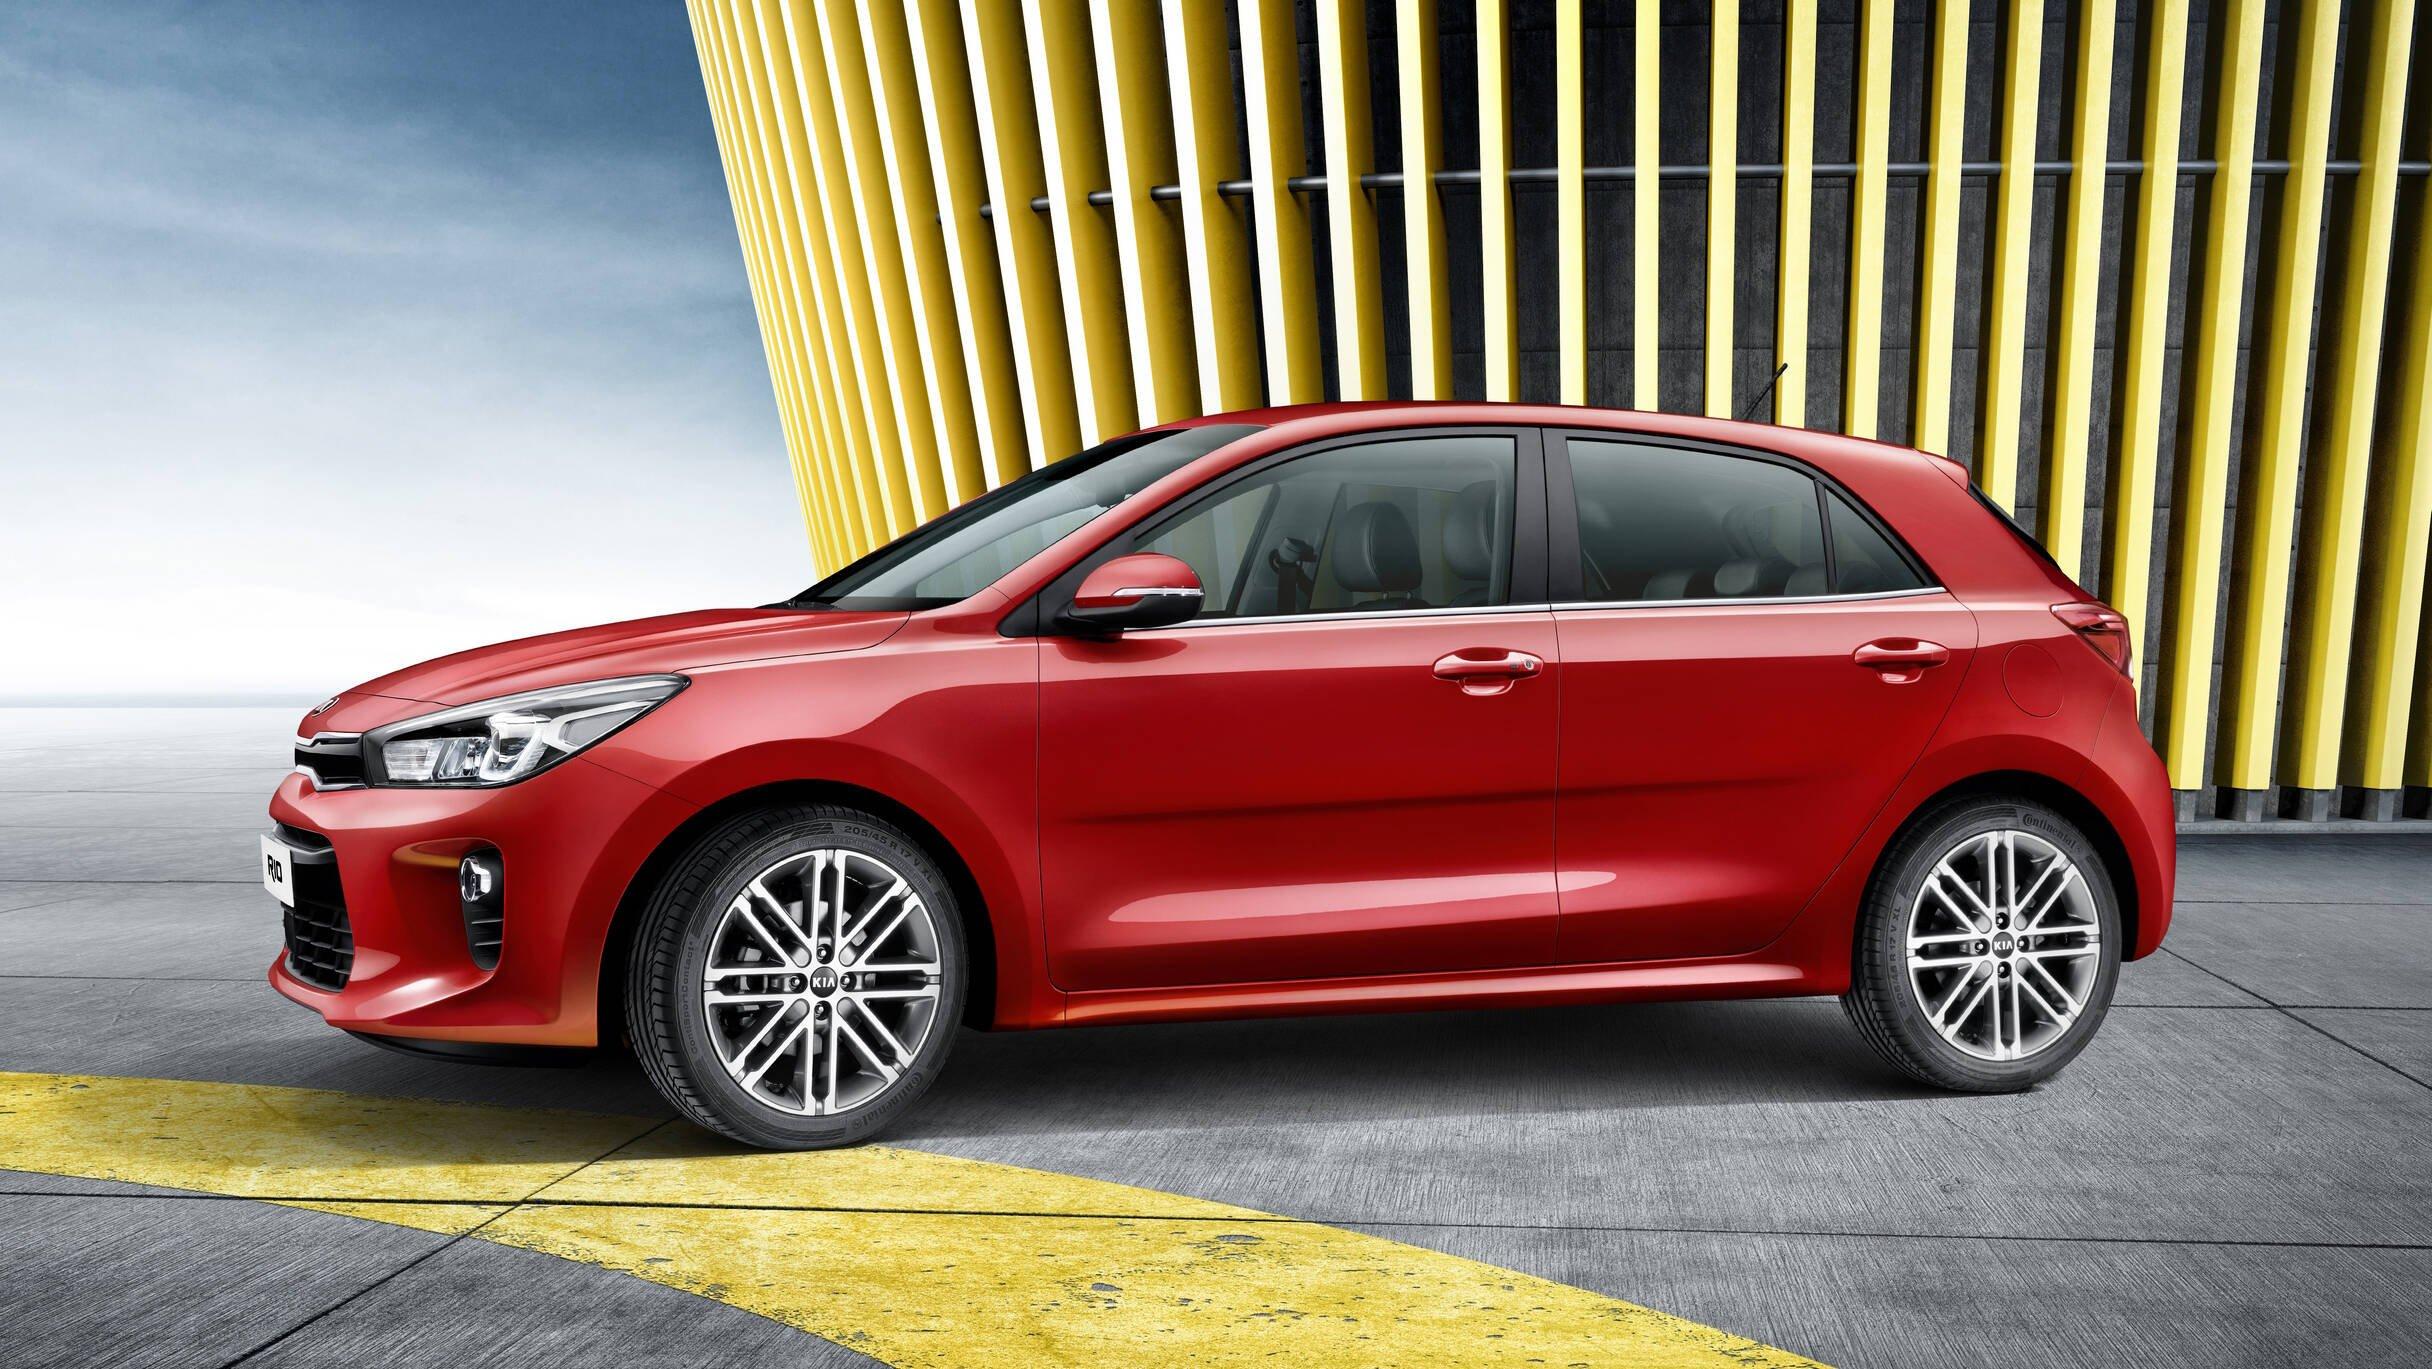 Irmão do Hyundai HB20, o Kia Rio será fabricado no México. No Brasil, o hatchback chega às lojas em 2017.. Foto: Divulgação/Kia